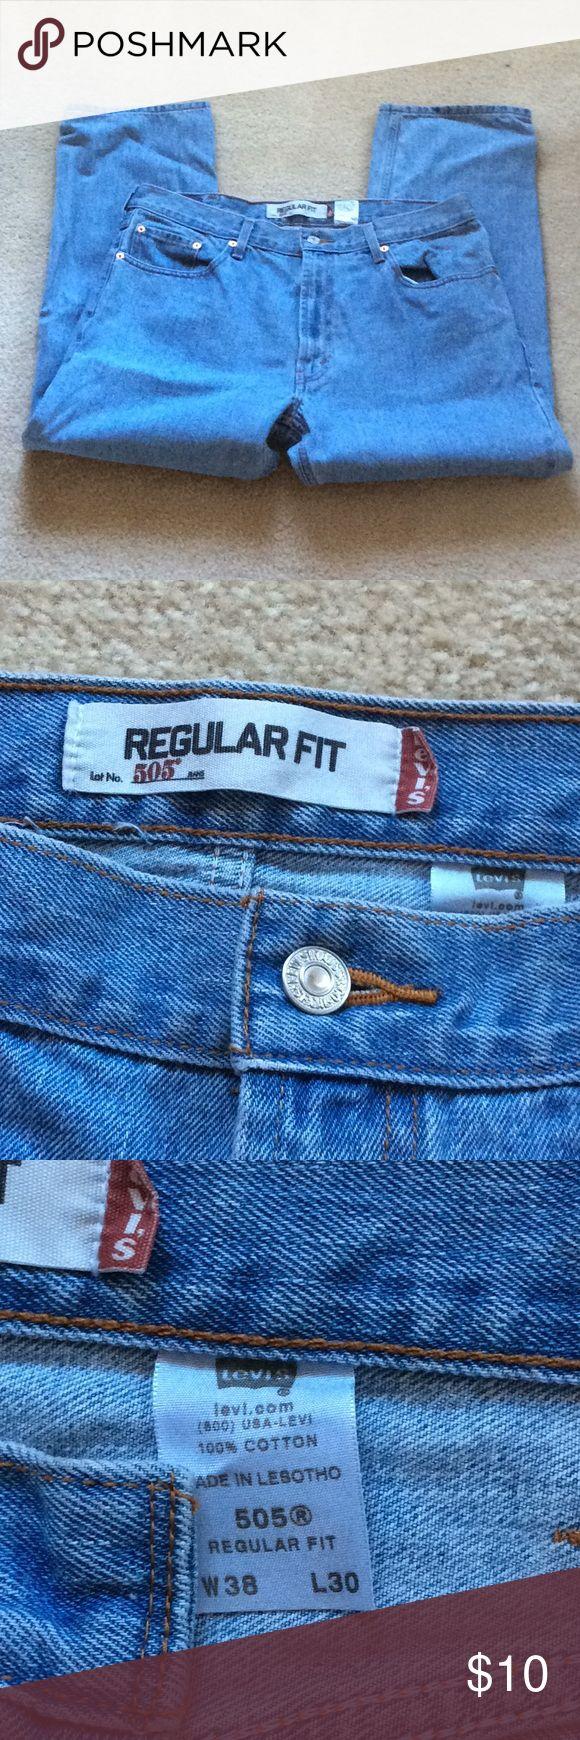 Men's 505 Jeans 38x30, Levis 505 jeans.  Excellent condition. Levi's Jeans